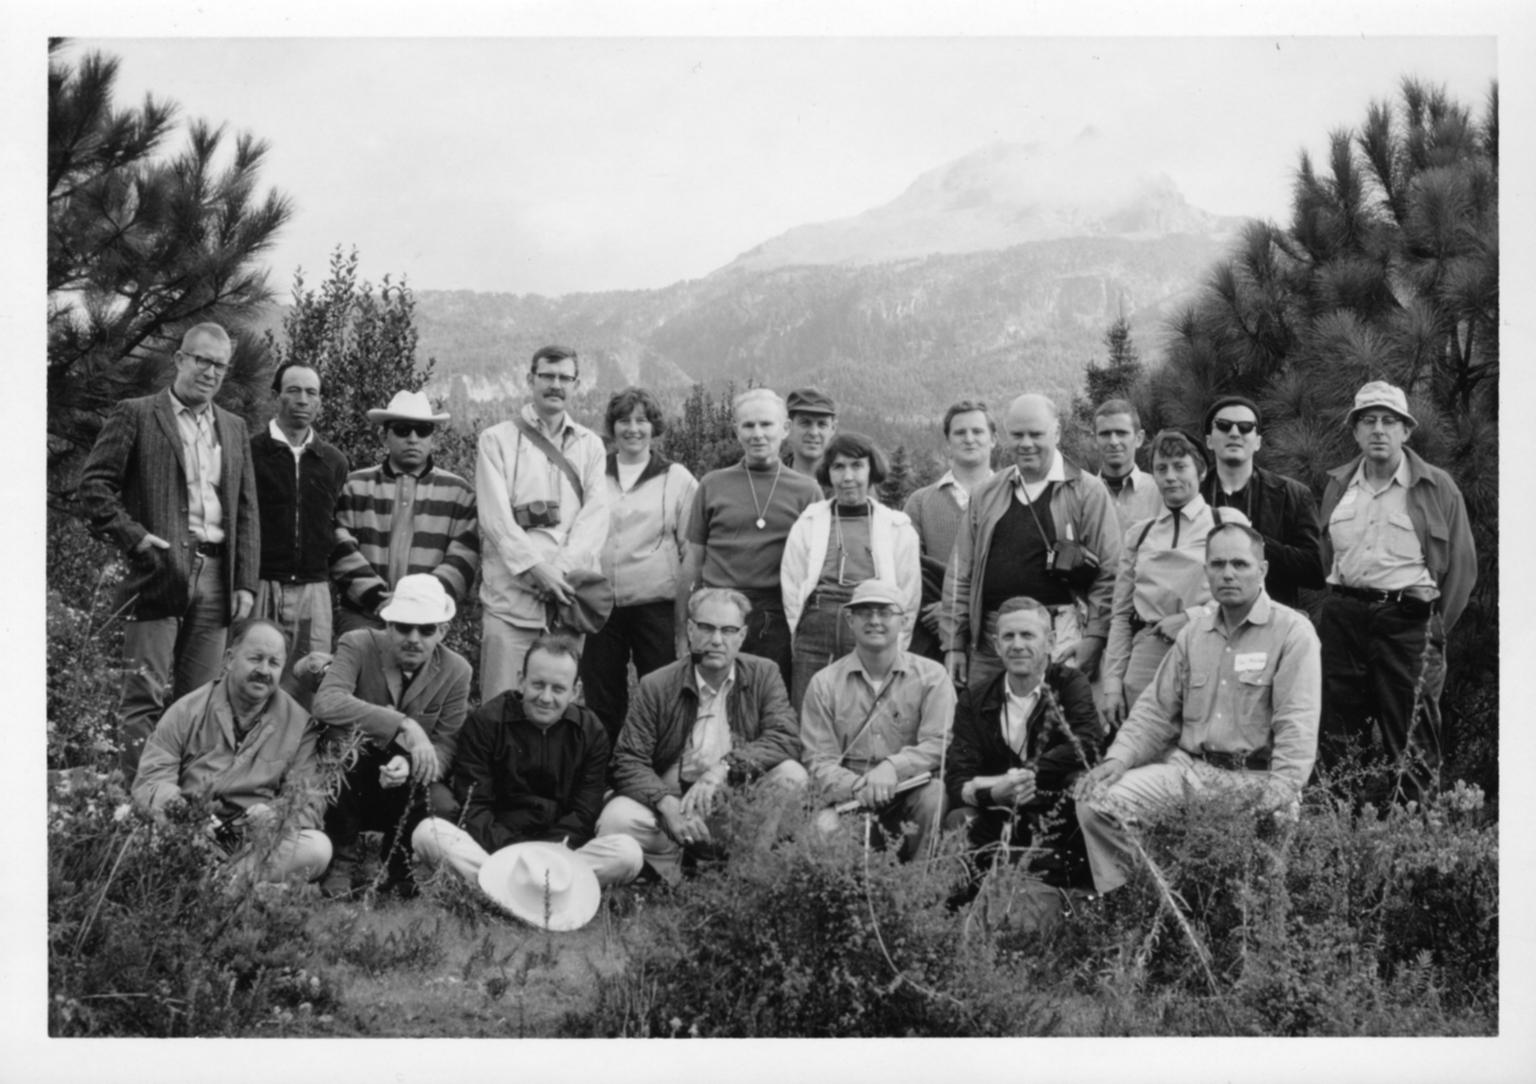 Harold E. Malde Photo Collection